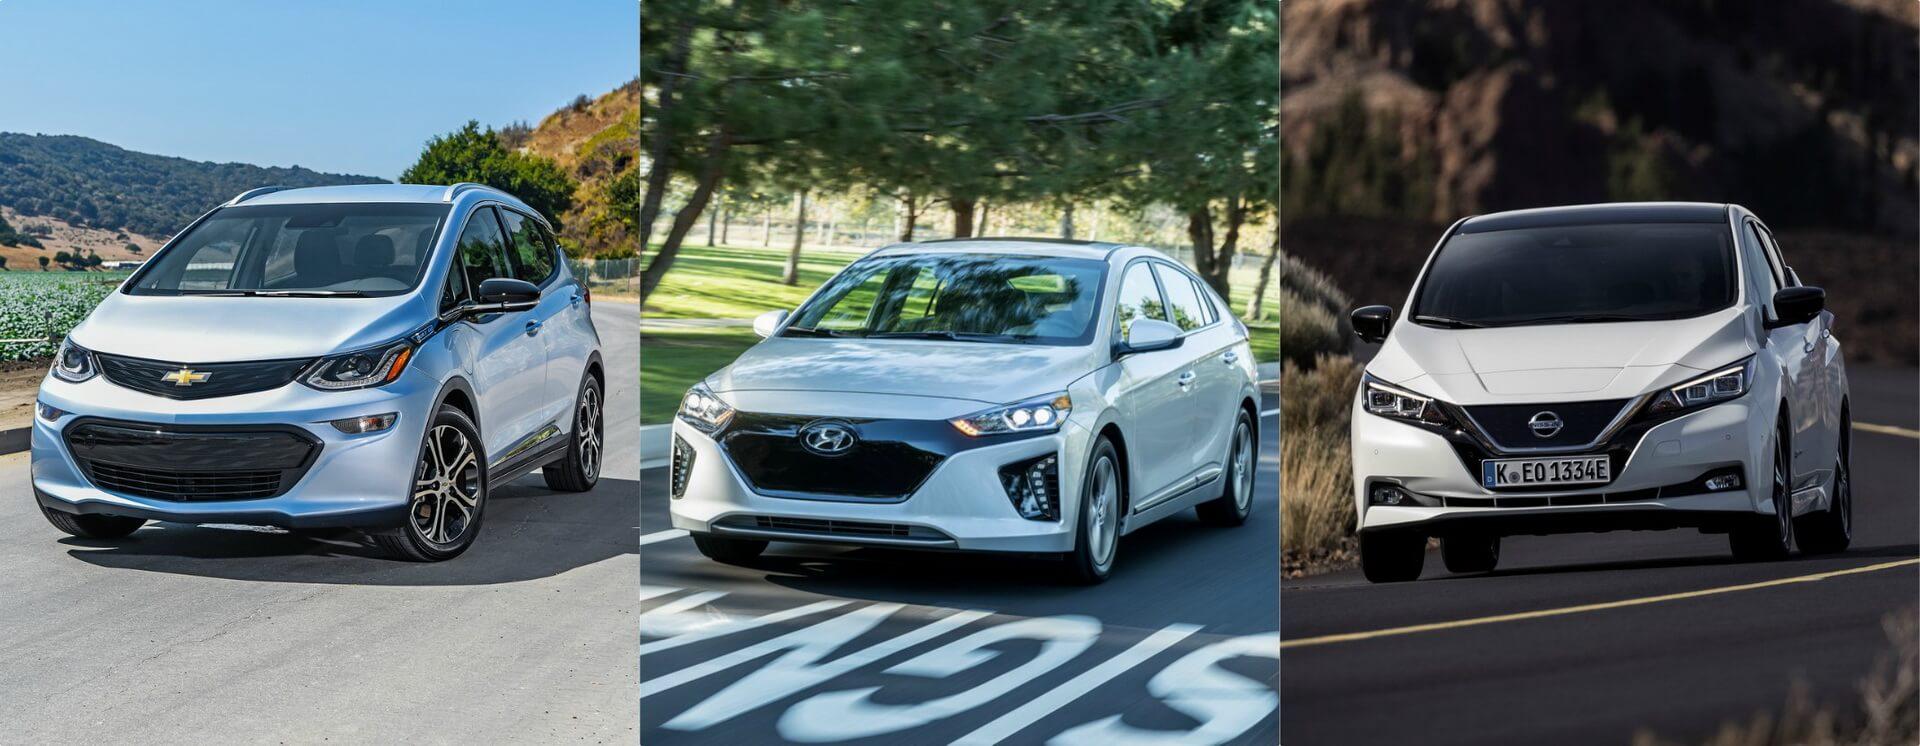 Chevy Bolt EV — Hyundai Ioniq Electric — Nissan Leaf 2018